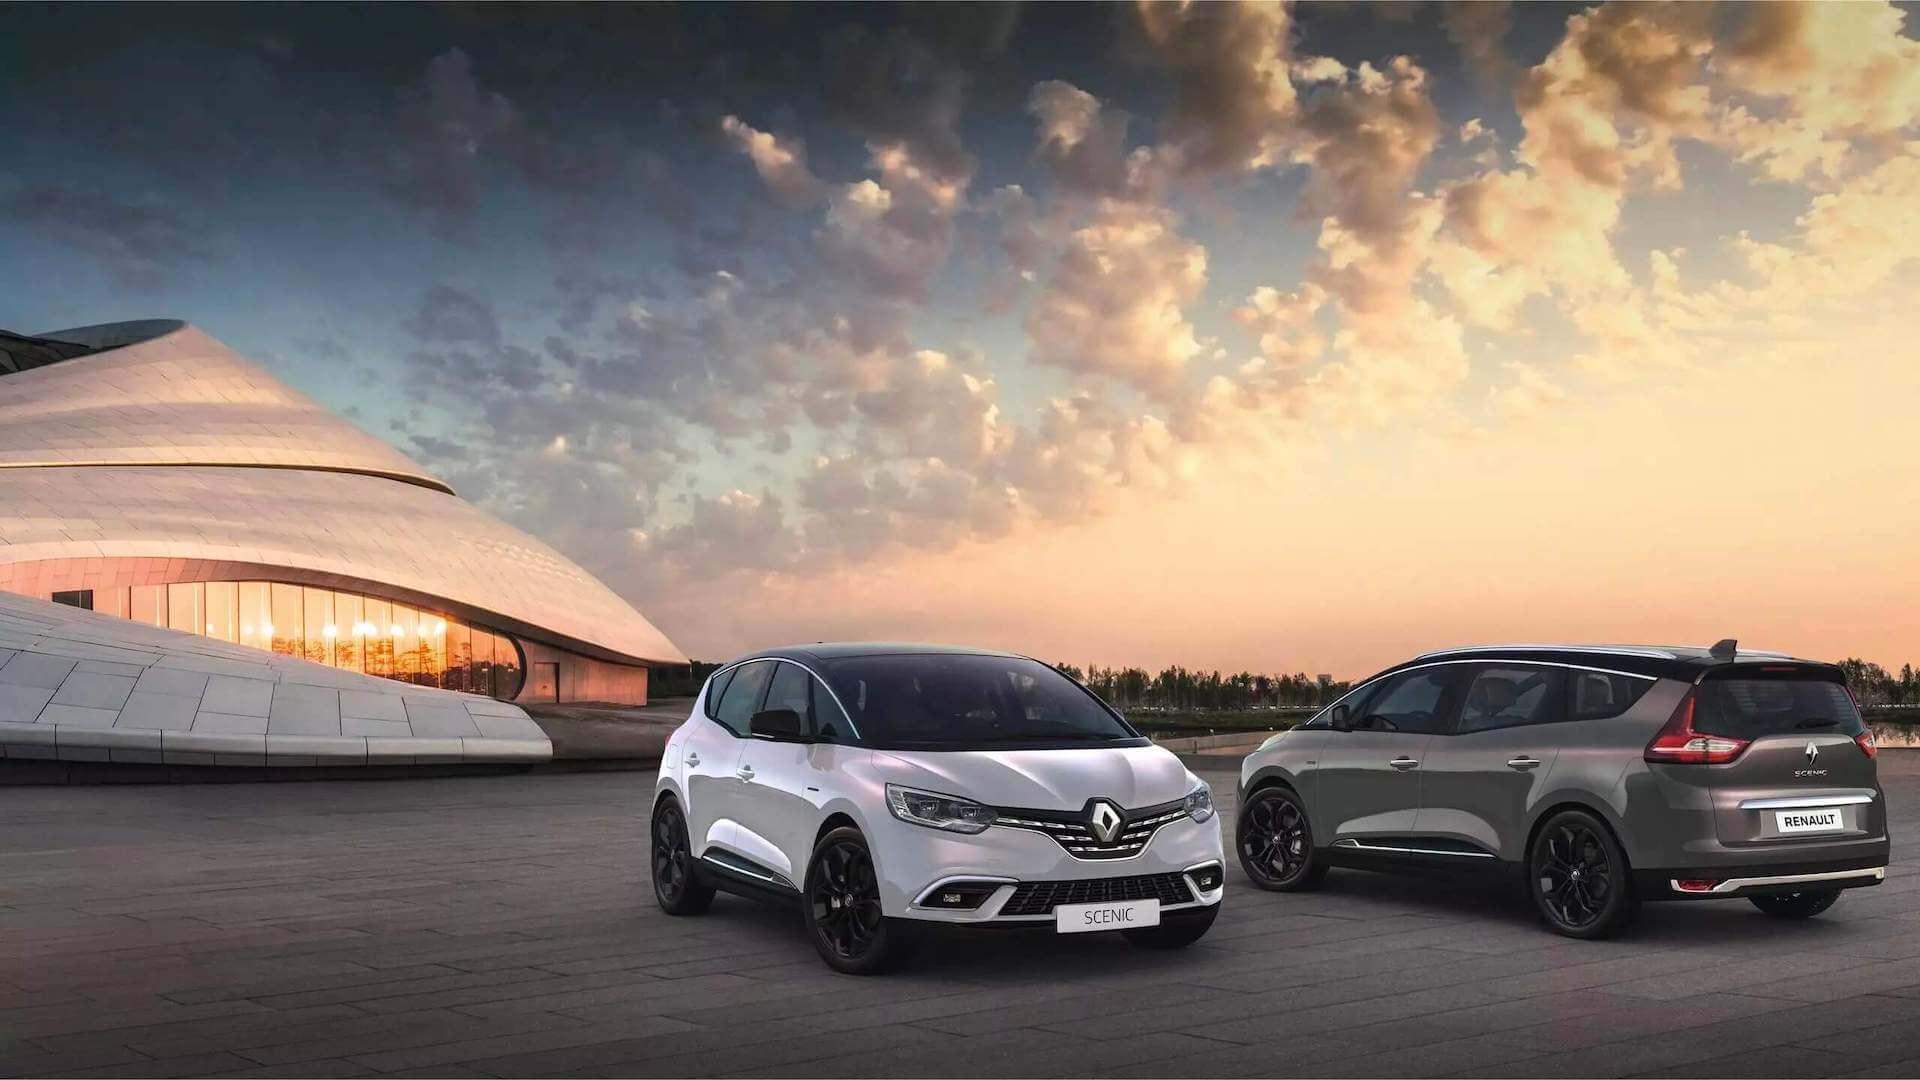 zwei Autos stehen auf einem Platz im Sonnenuntergang - Renault Scenic - Renault Ahrens Hannover